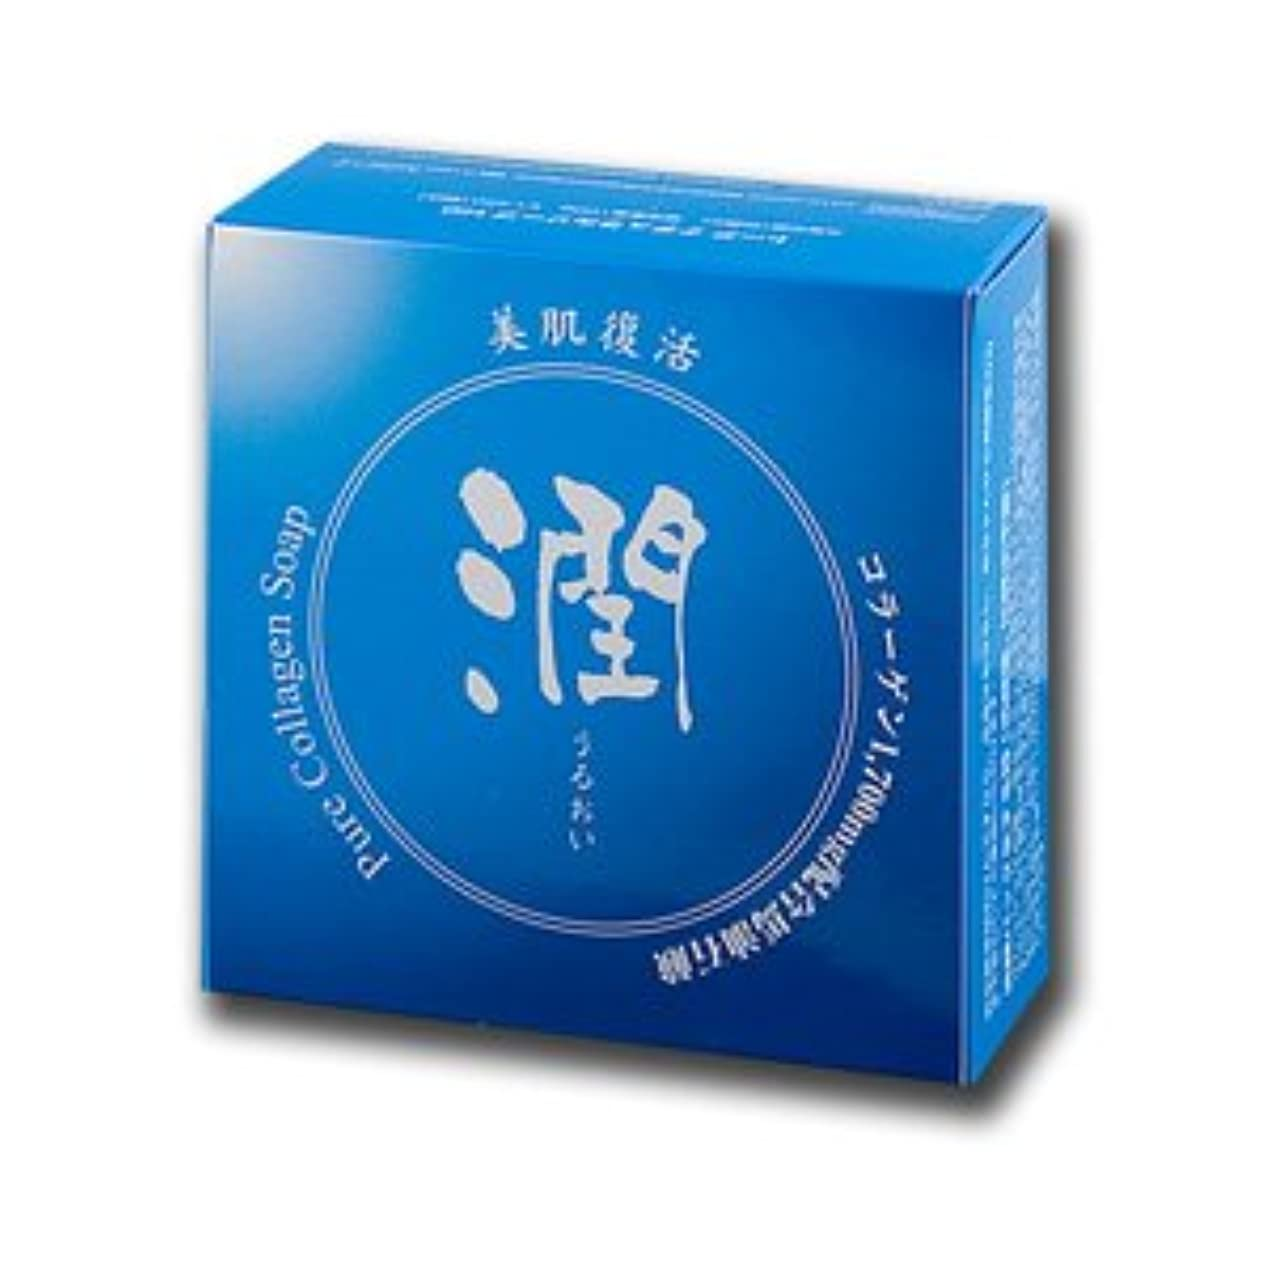 鎮痛剤余韻コラーゲン馬油石鹸 潤 100g (#800410) ×6個セット